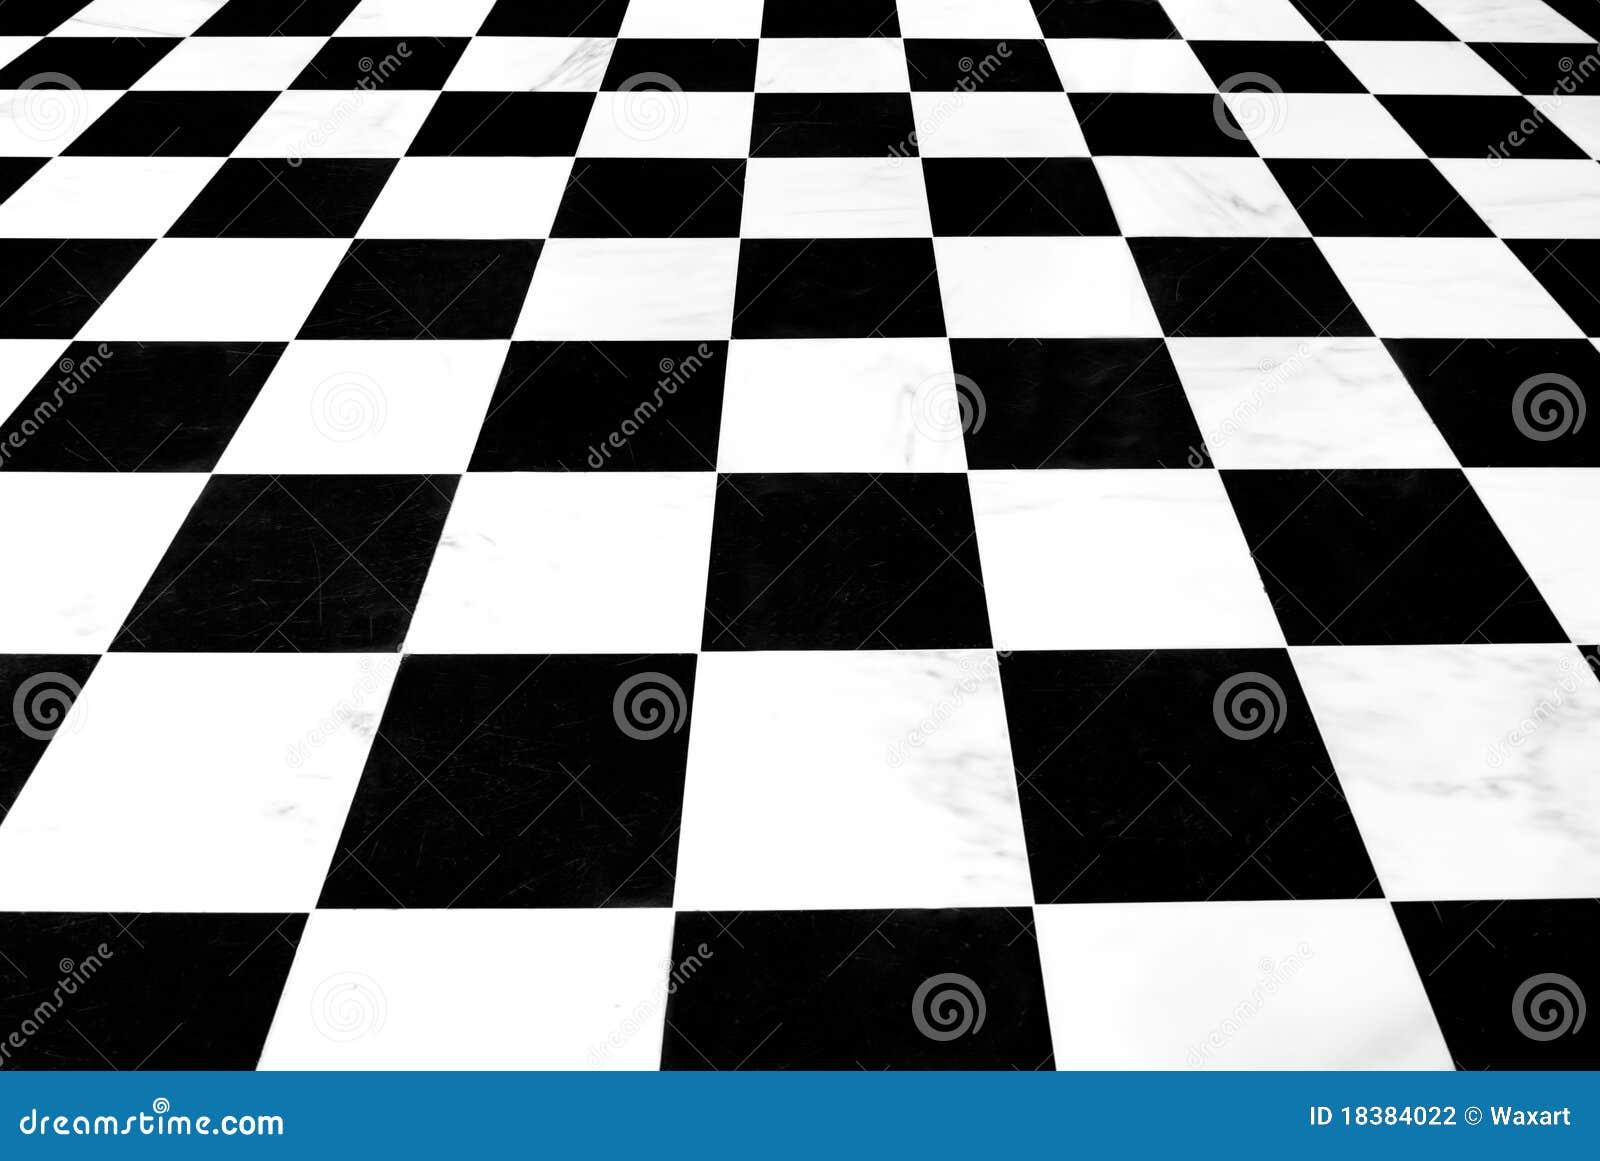 Pavimento checkered in bianco e nero fotografia stock for Pavimento marmo bianco e nero